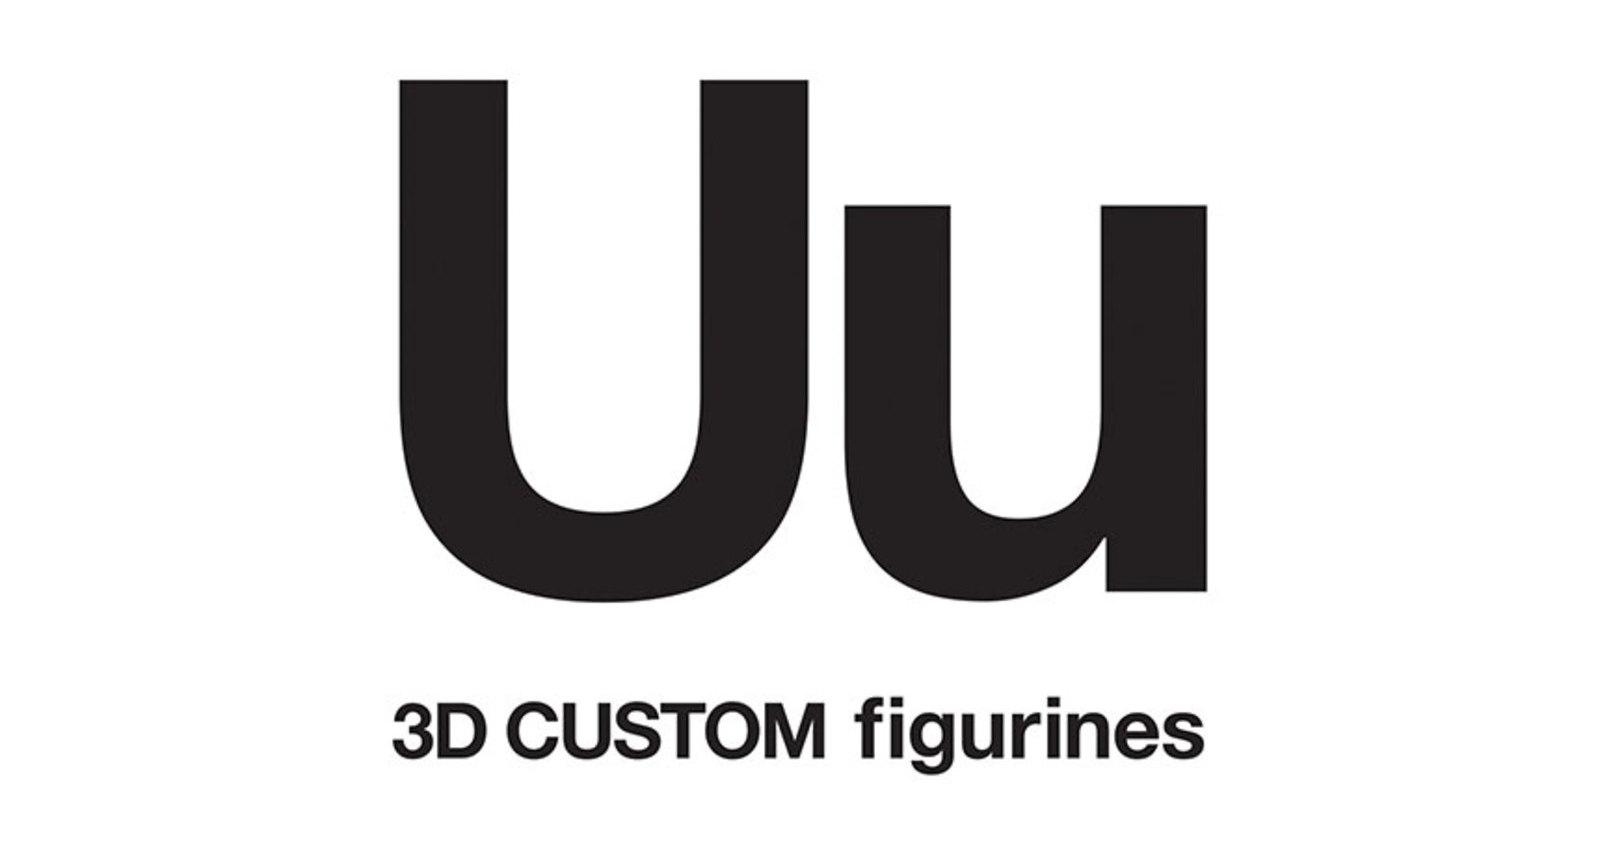 Uu 3D CUSTOM FIGURINES